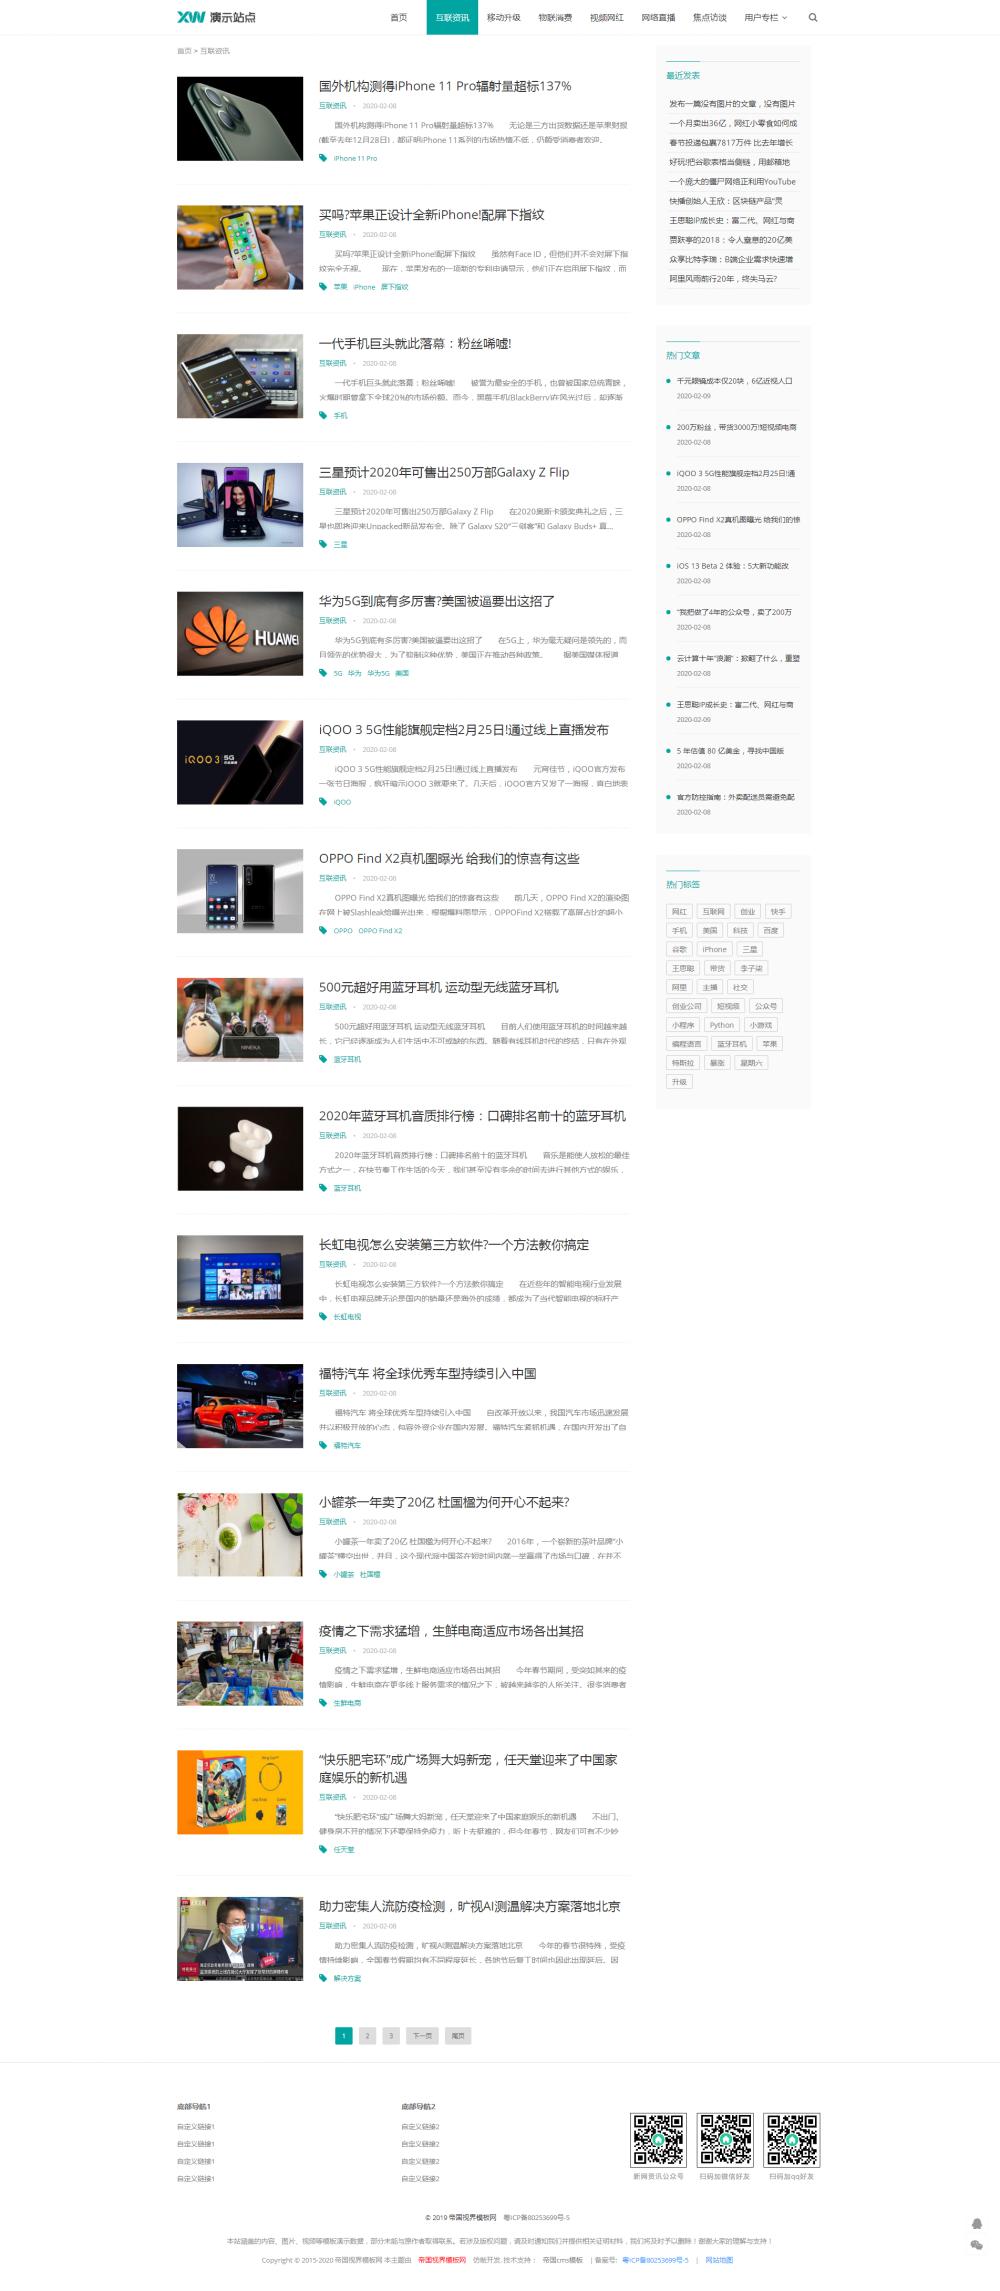 2新闻栏目页.png [DG-129]帝国CMS响应式新闻资讯模板 自适应媒体资讯帝国CMS模板 新闻资讯 第2张